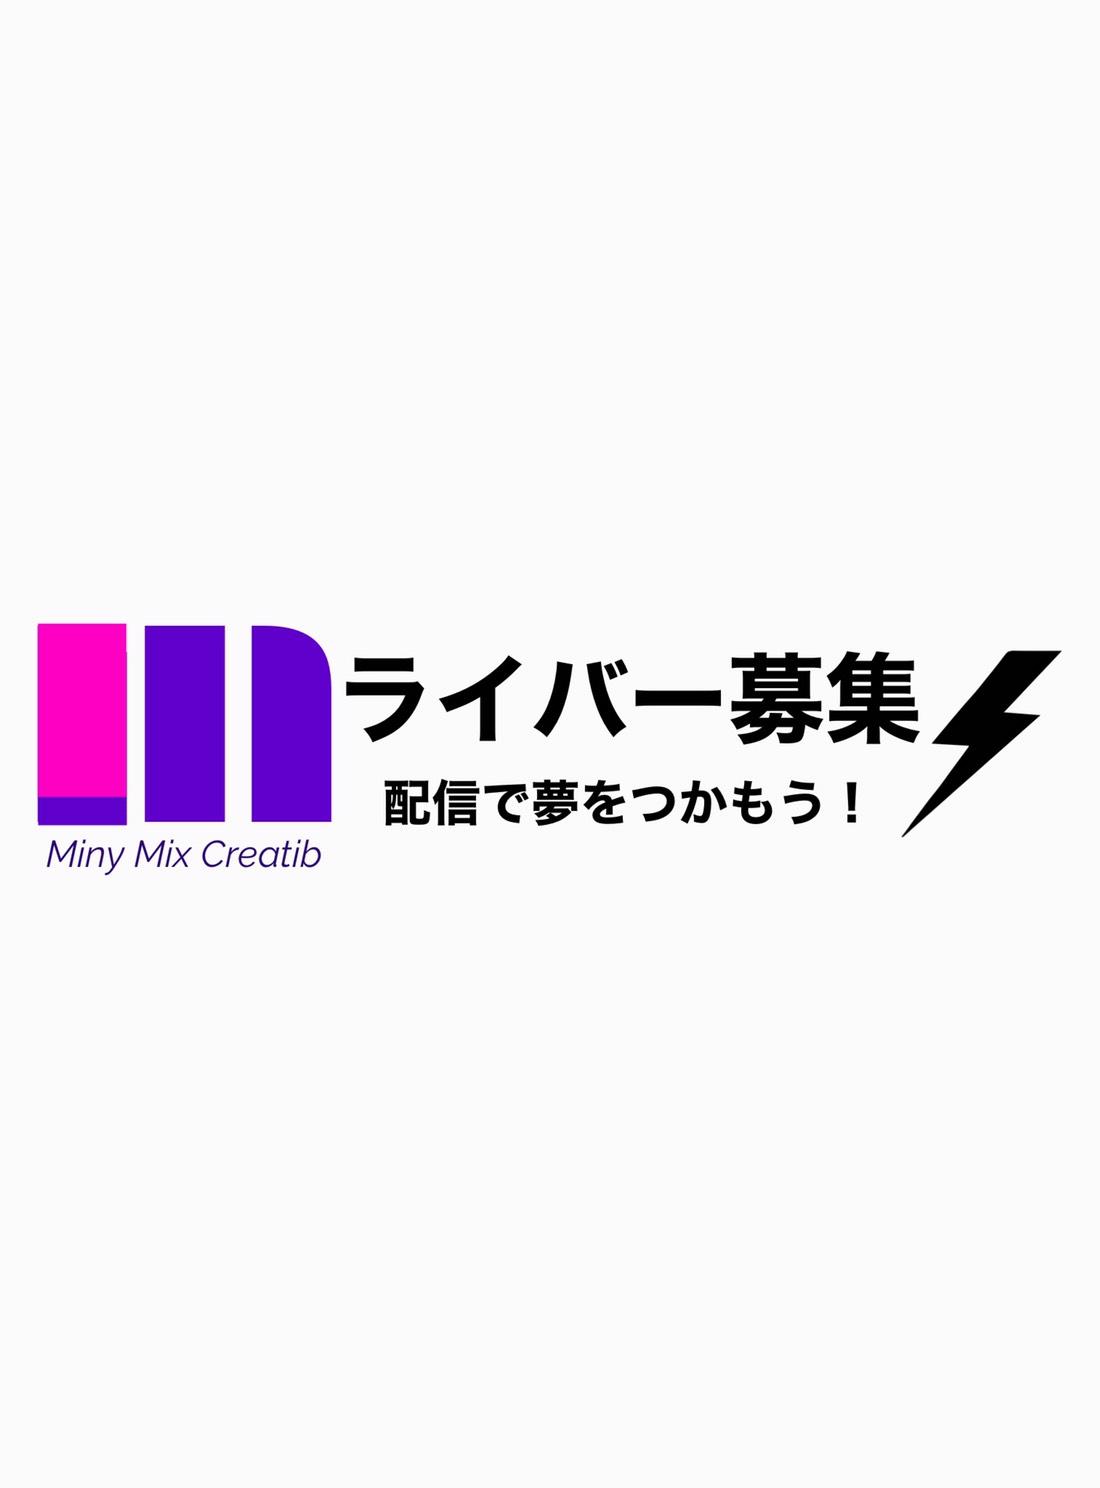 MMCライバー募集バナー